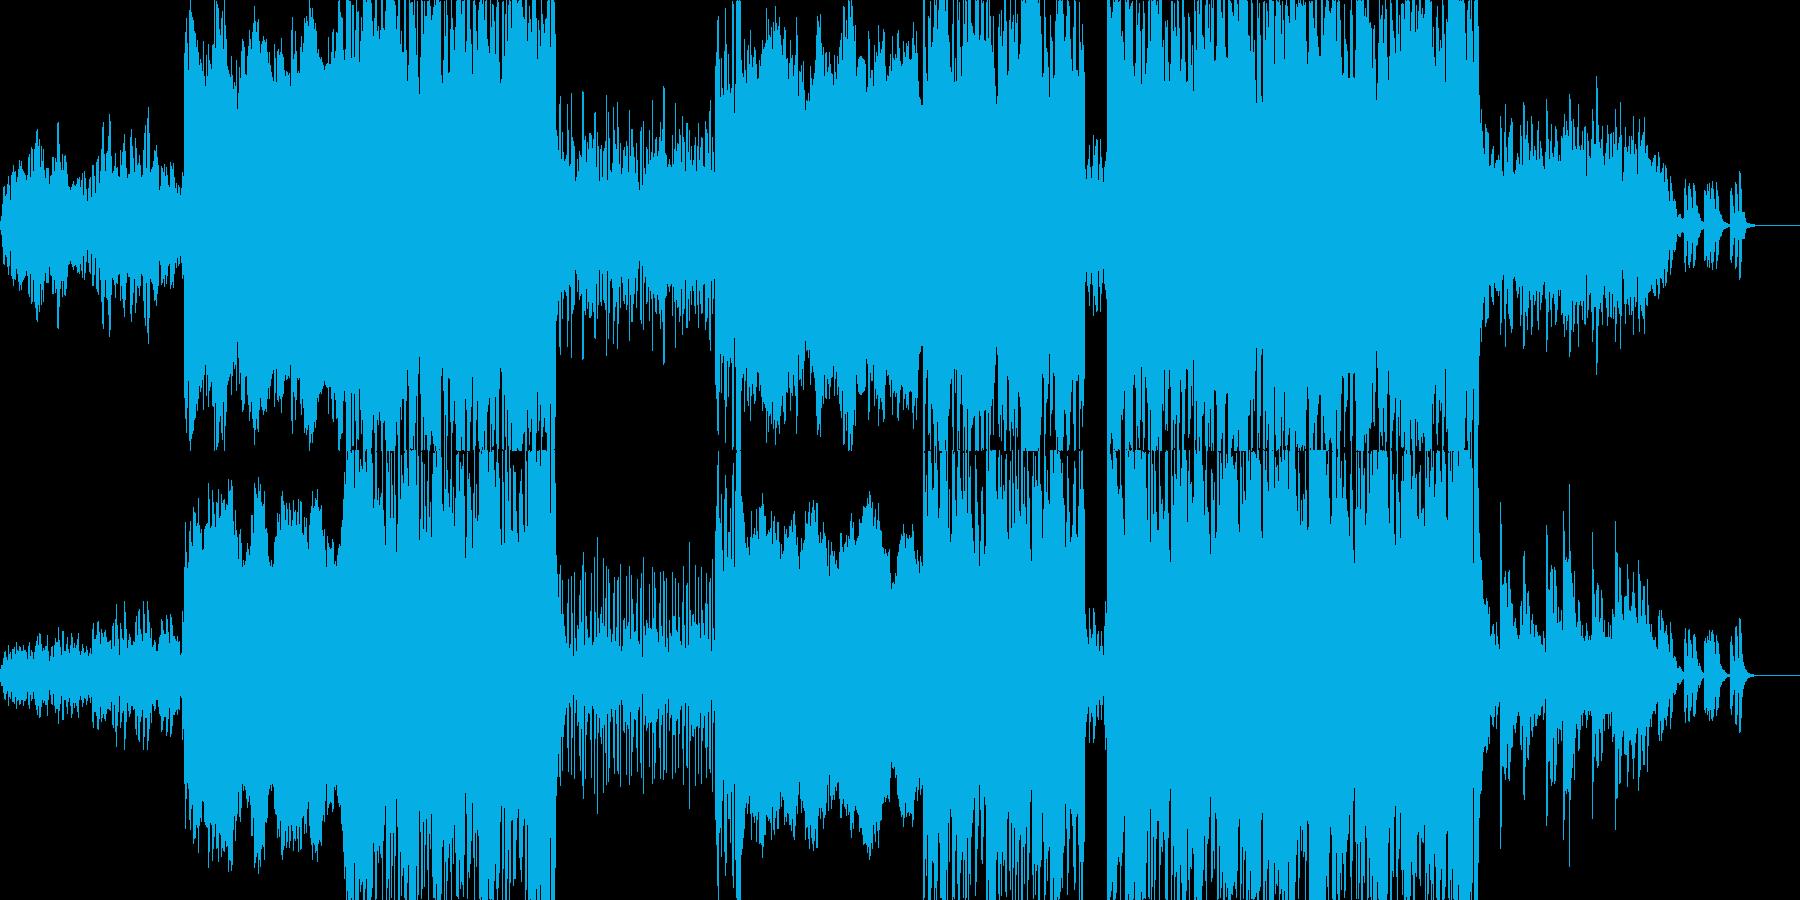 エンドロールなどに最適な楽曲ですの再生済みの波形